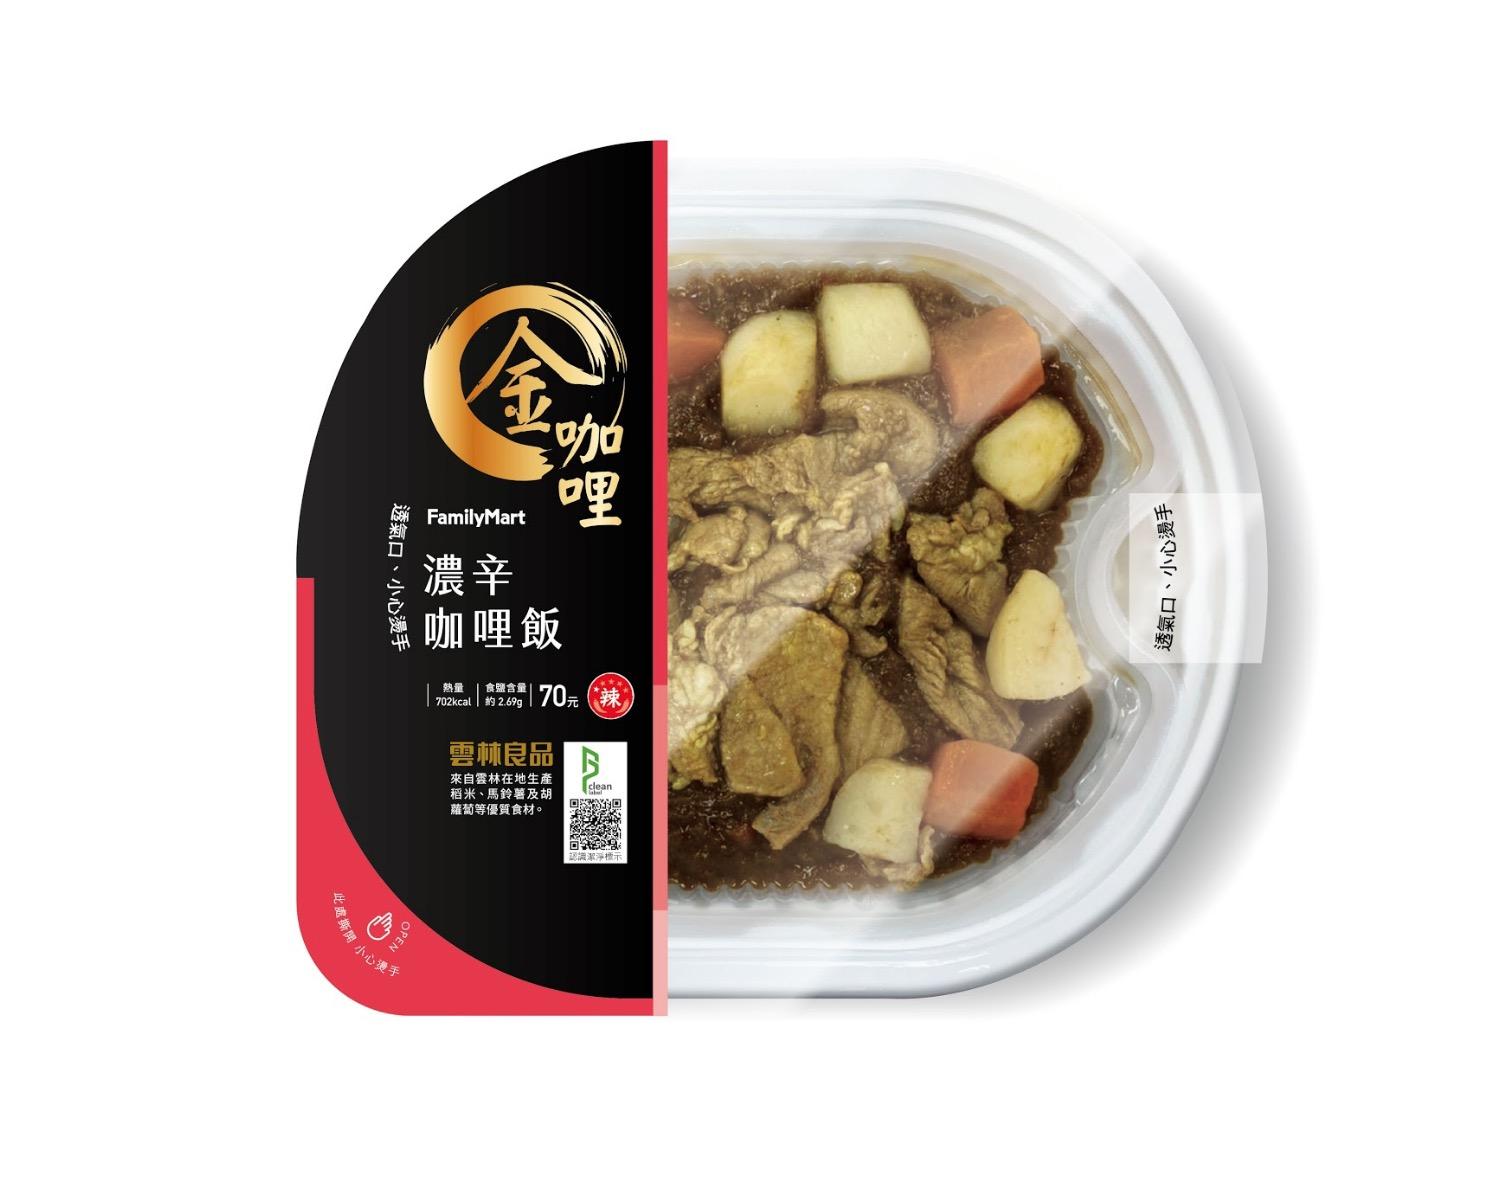 使用雲林在地生產稻米、馬鈴薯、胡蘿蔔等優質食材;100%日本直輸咖哩使用;多種蔬果長時熬煮低溫熟成,風味細緻;自製煉辣油,辛辣而溫和。